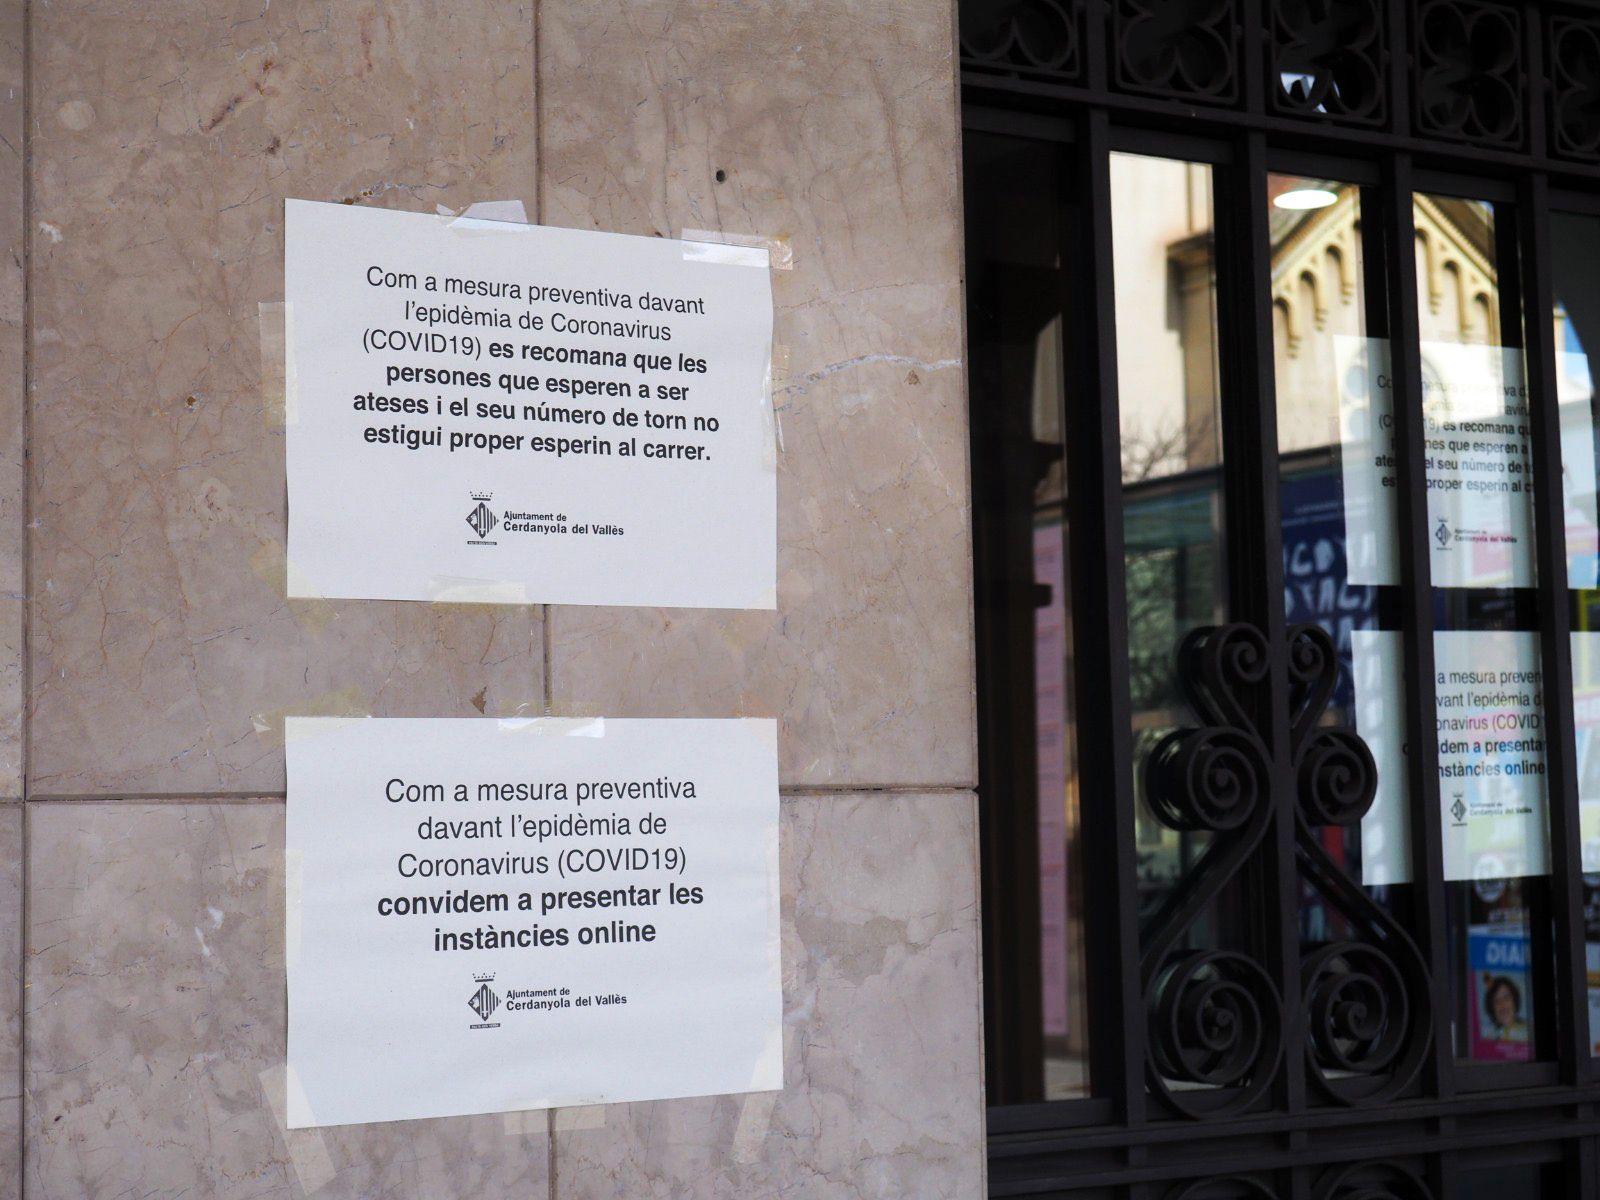 Cartells a la porta de l'AJuntament. FOTO: Mónica García Moreno